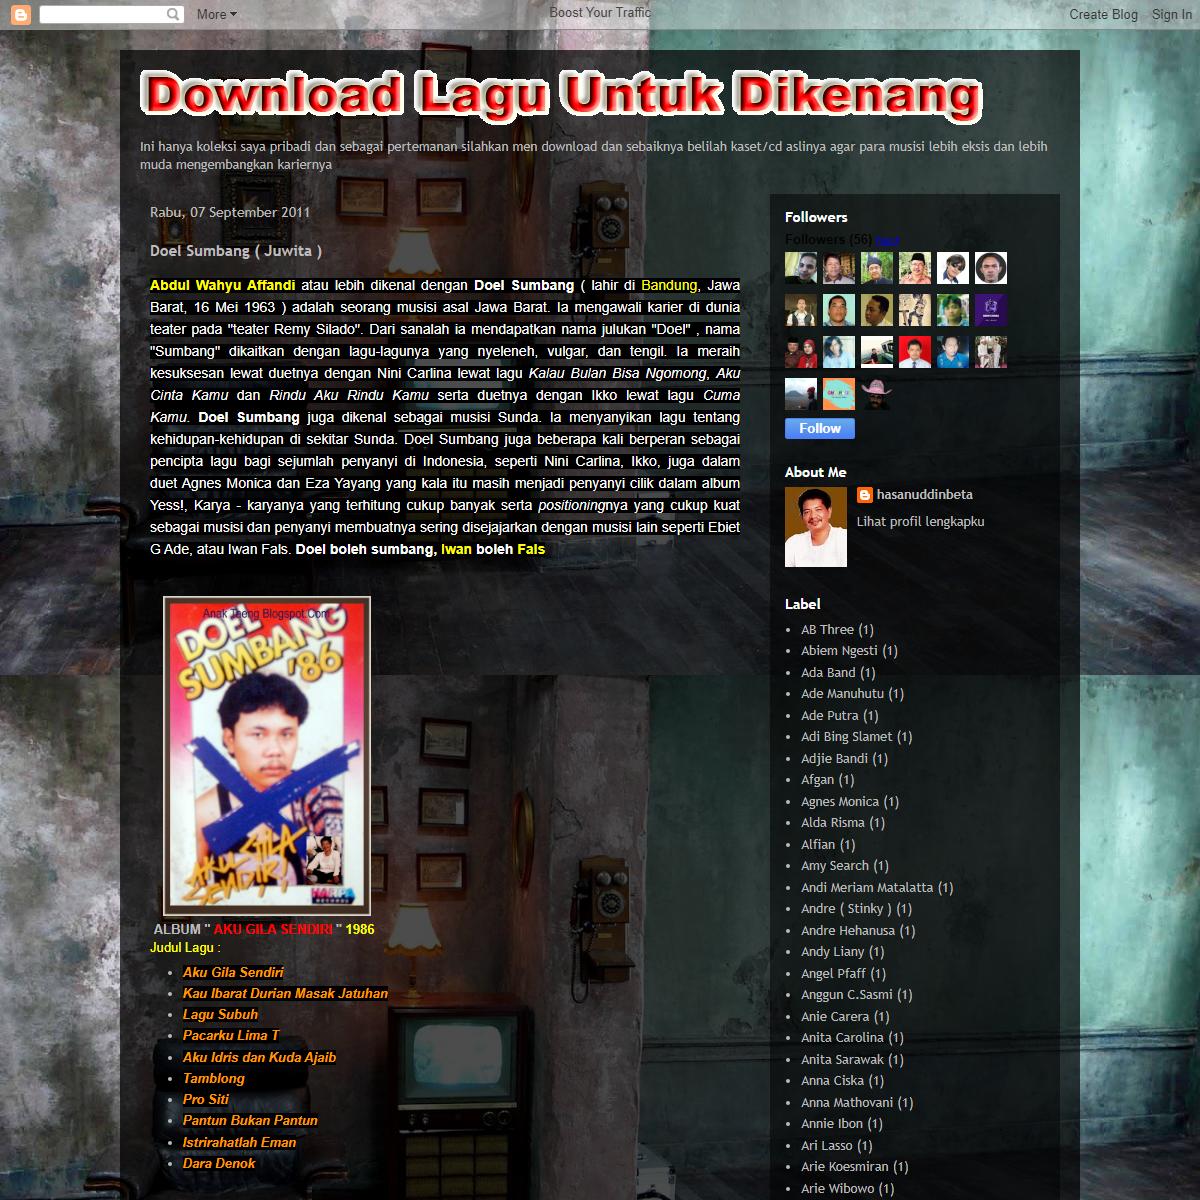 Download Lagu Untuk Dikenang (by Anak Taeng)- Doel Sumbang ( Juwita )